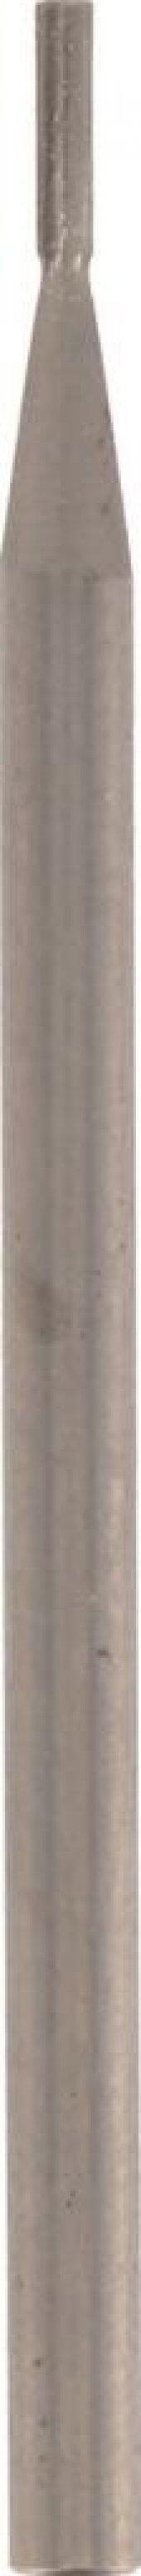 Dremel Gravür Kesici 0,8 Mm (111) (3 Adet)